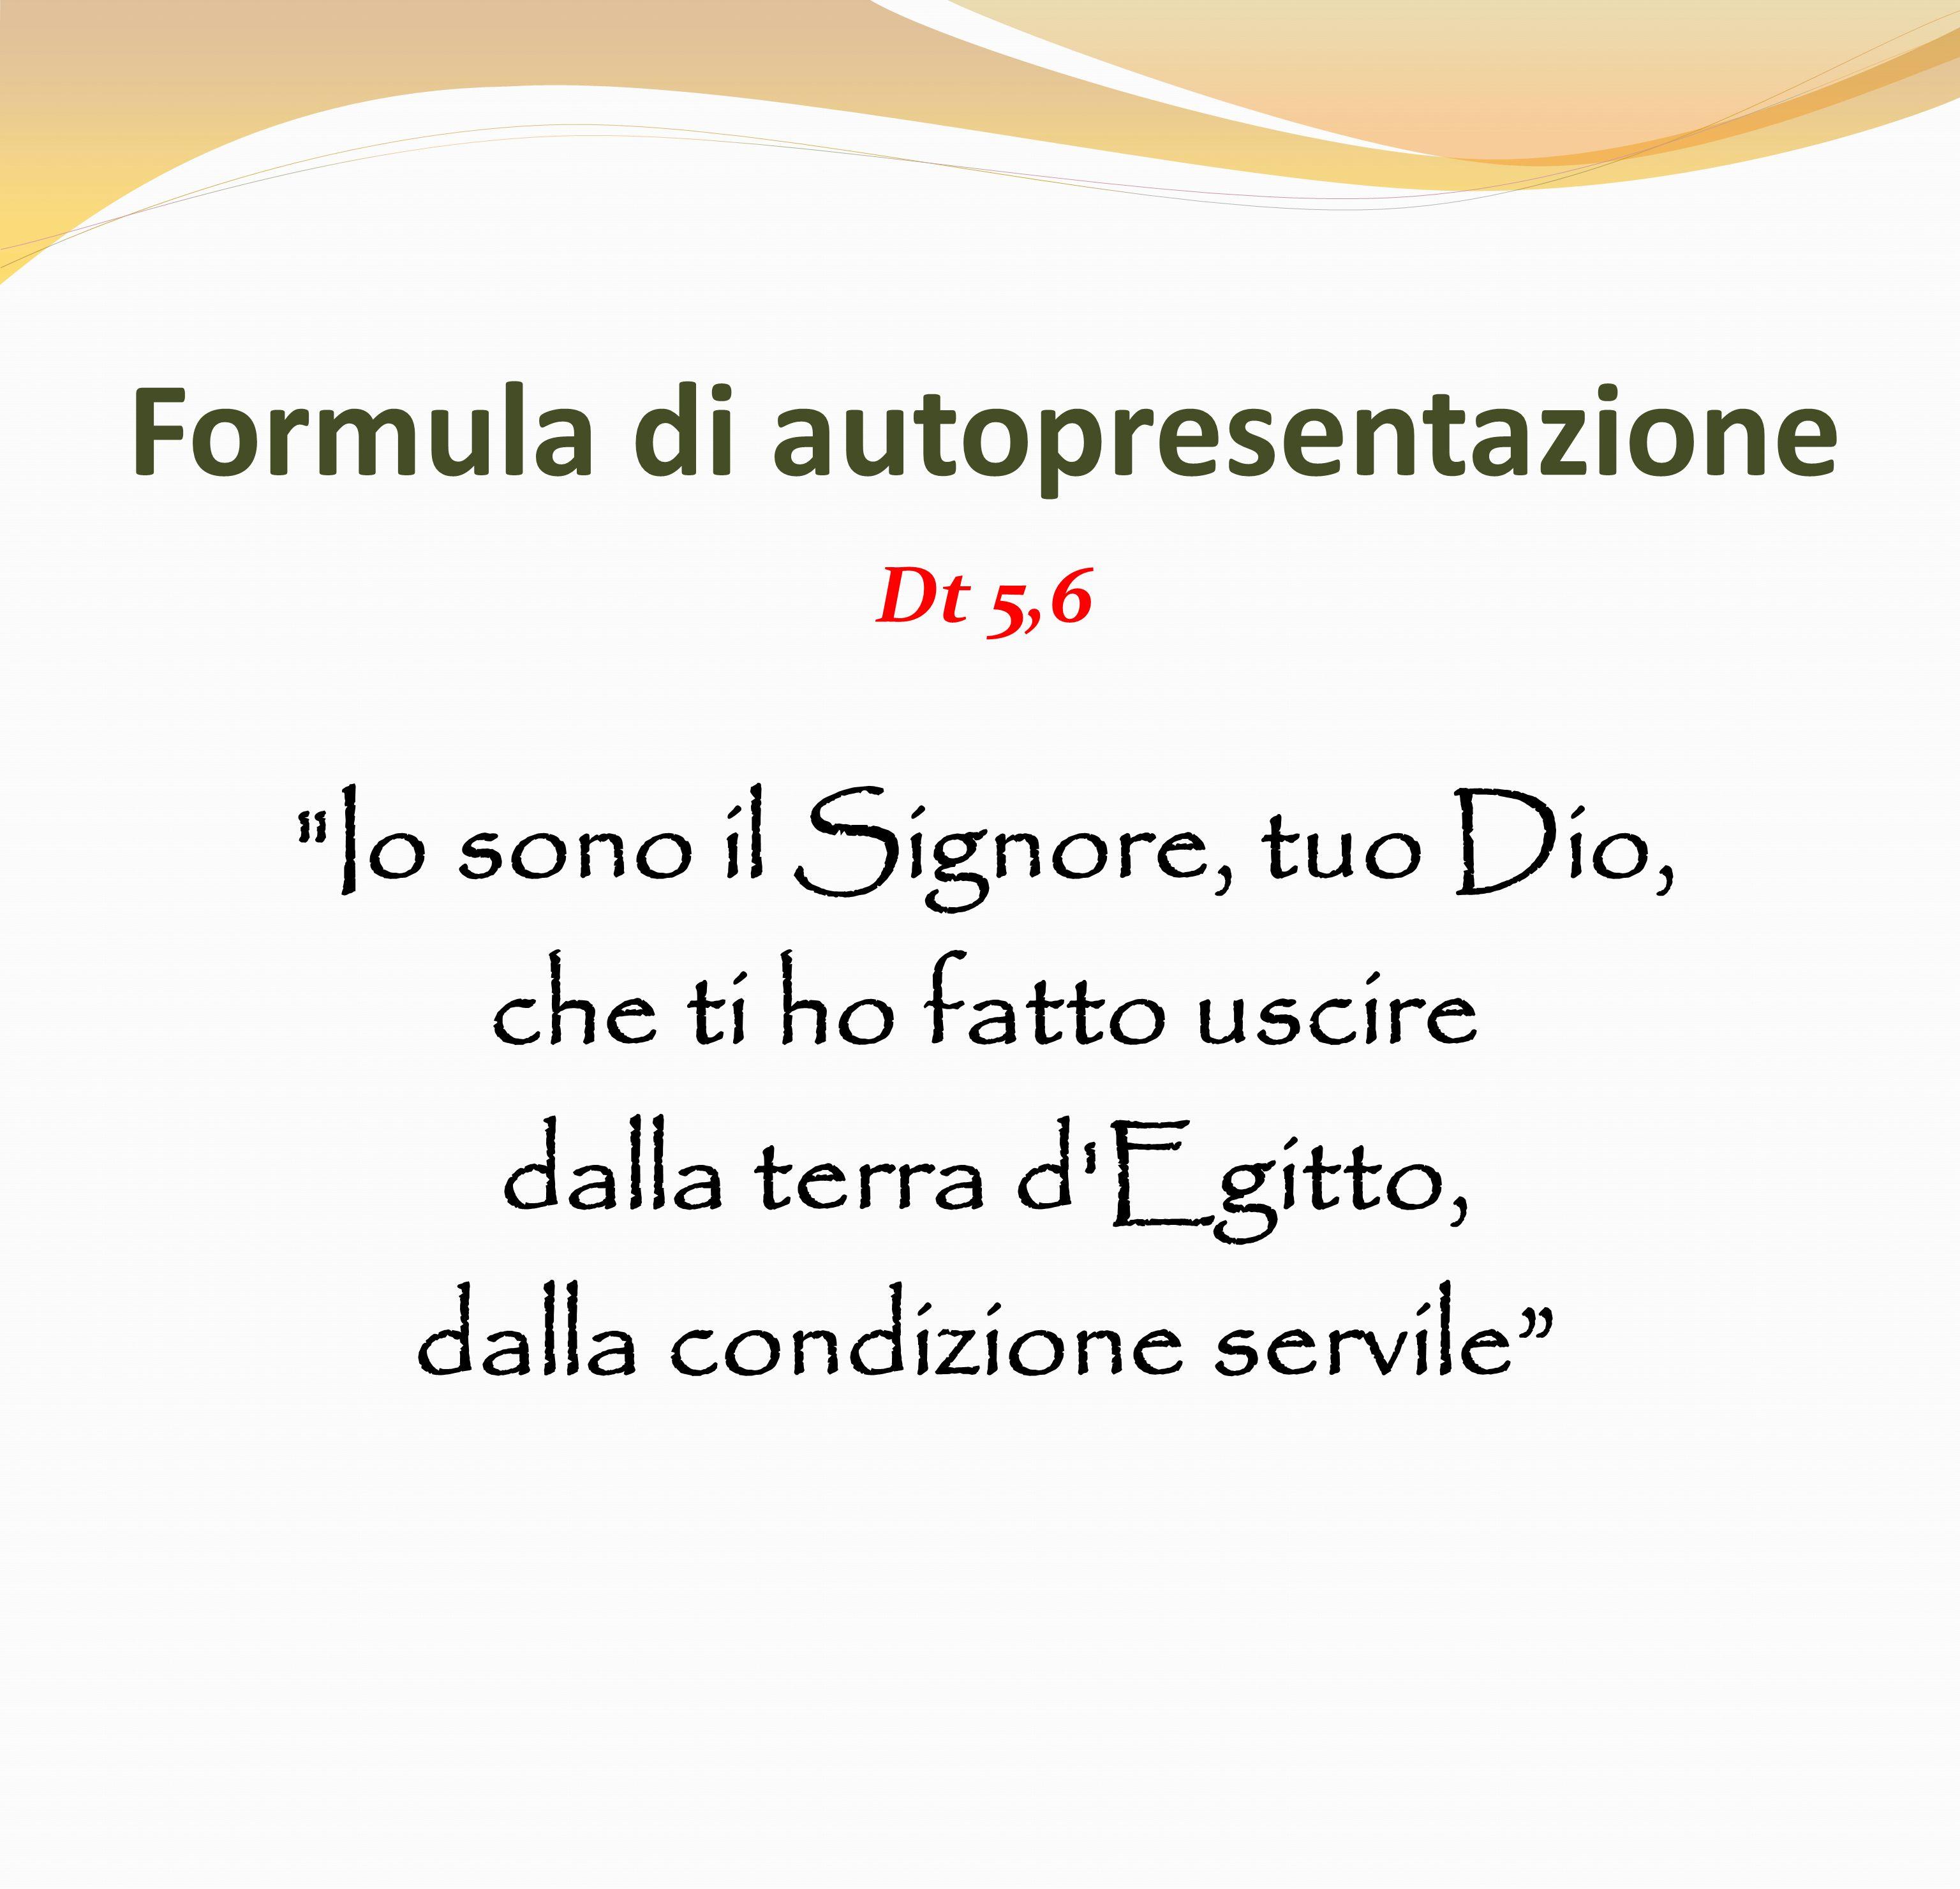 Si riferisce direttamente al processo, alla svolta della vita, interpreta e motiva la conversione al cristianesimo nel battesimo.